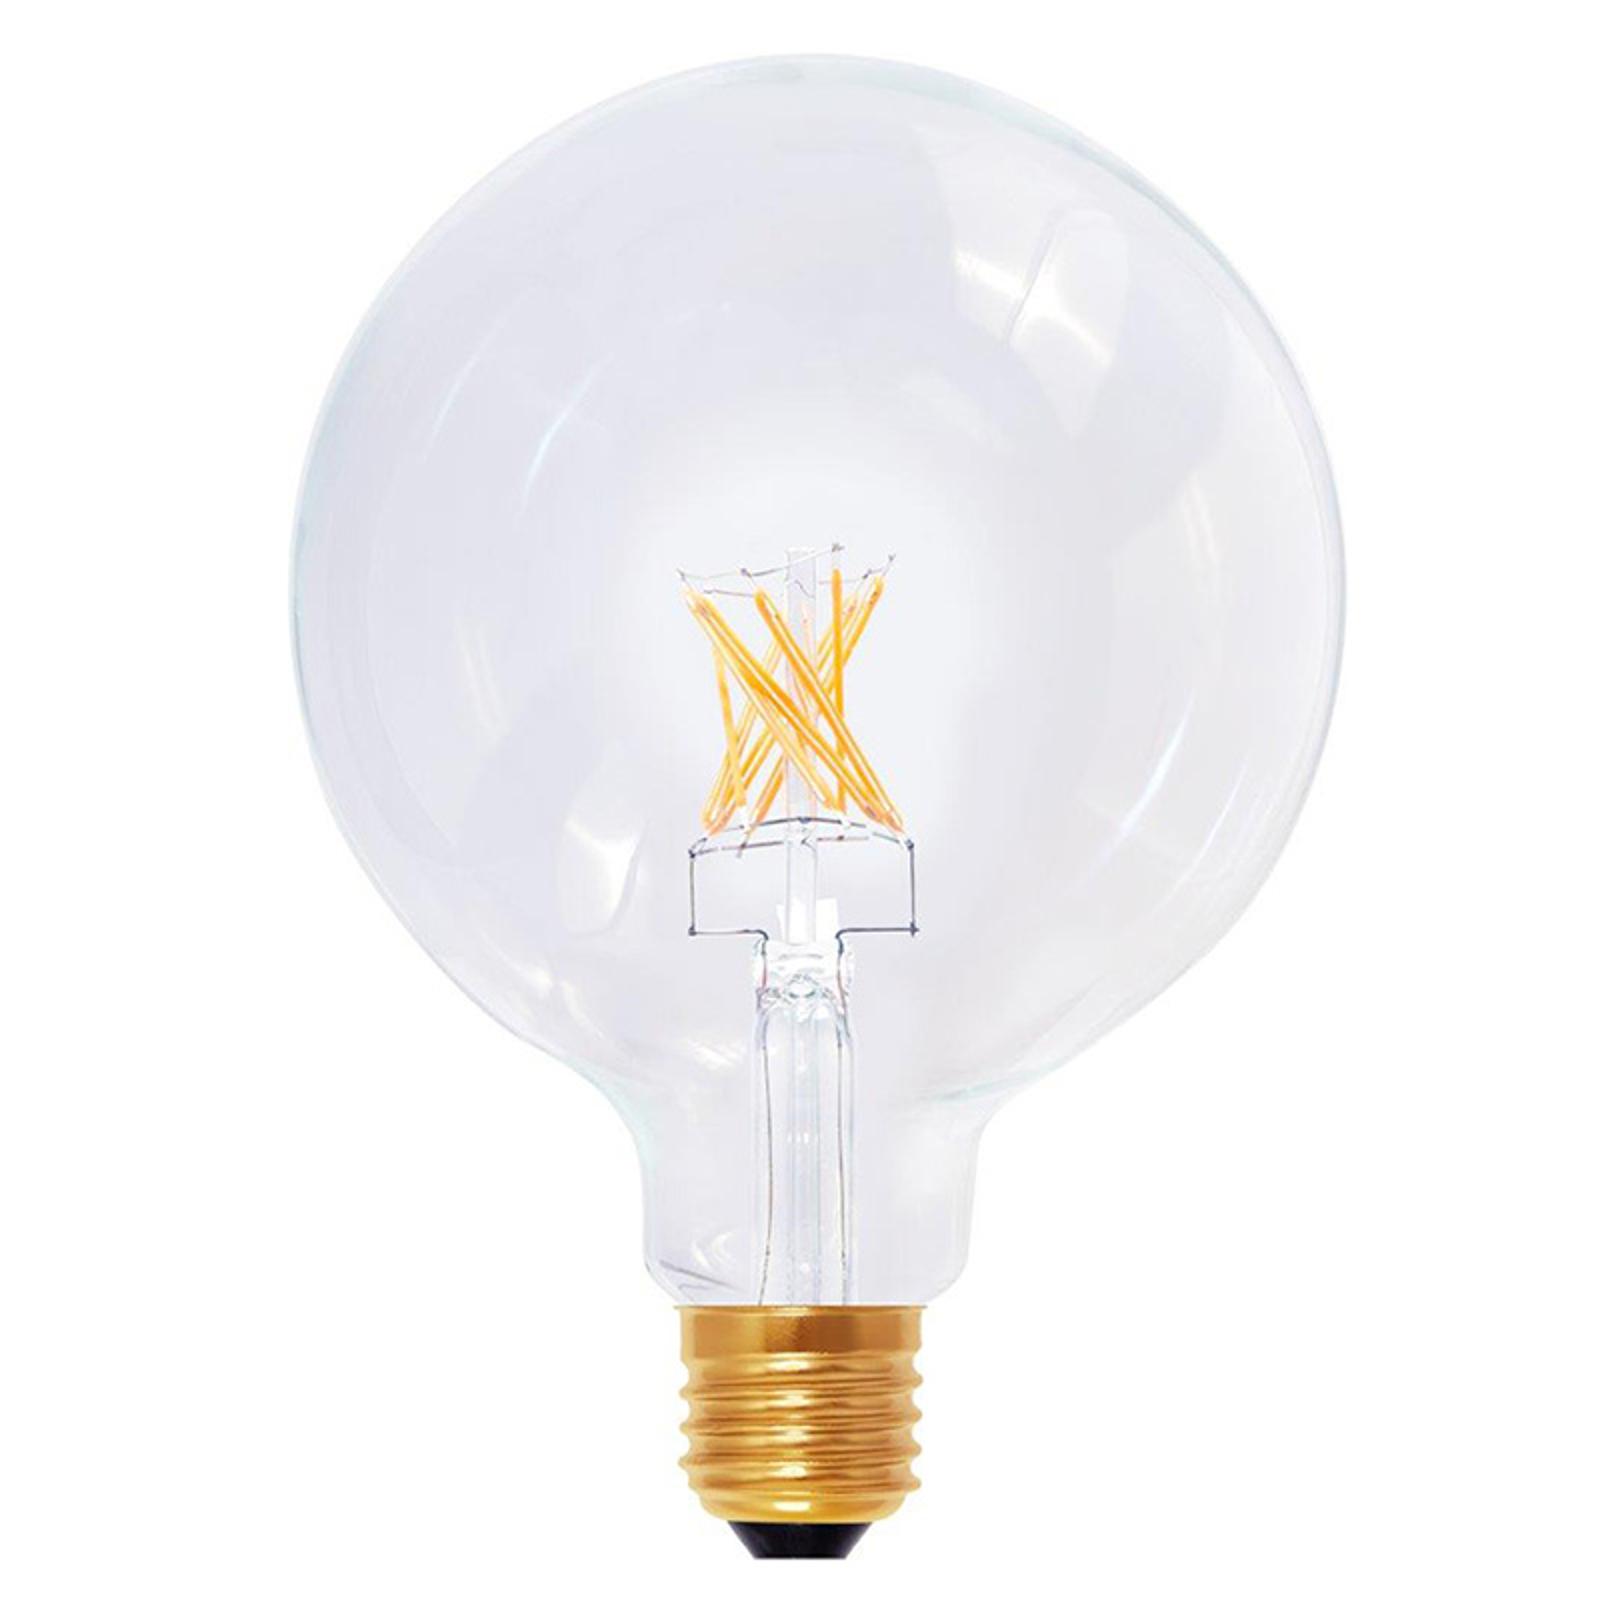 E27 8W 922 LED Globelampe G125 in Kohlefadenoptik